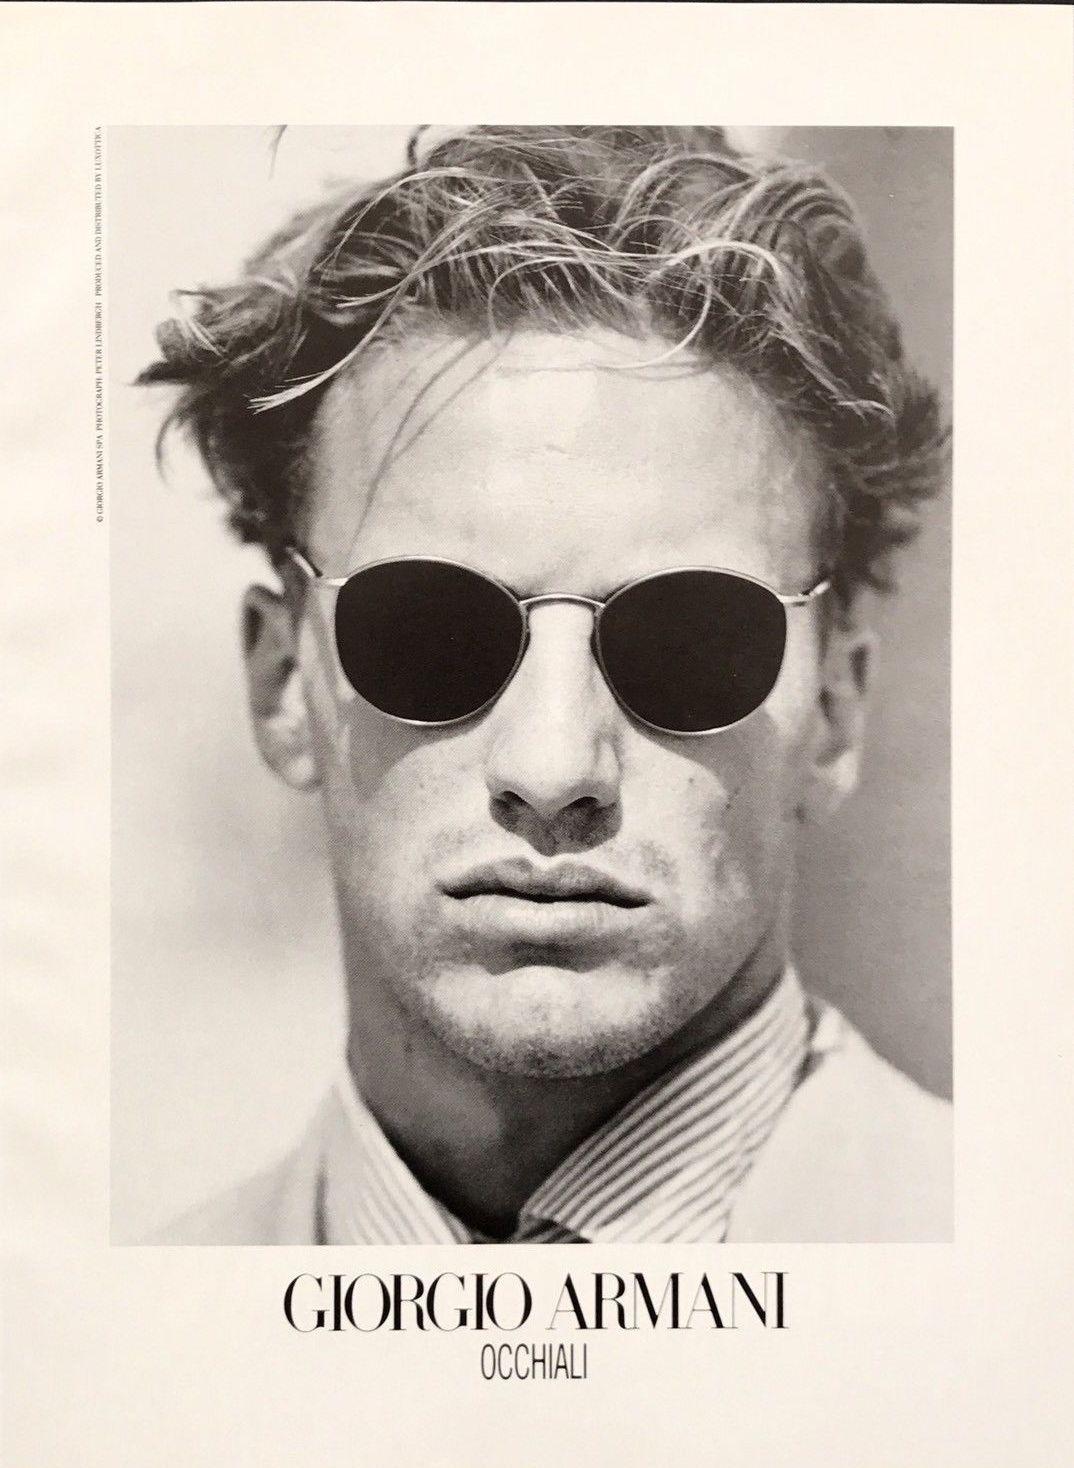 7388dbf1a3b0 Giorgio Armani 90s Vintage Sunglasses